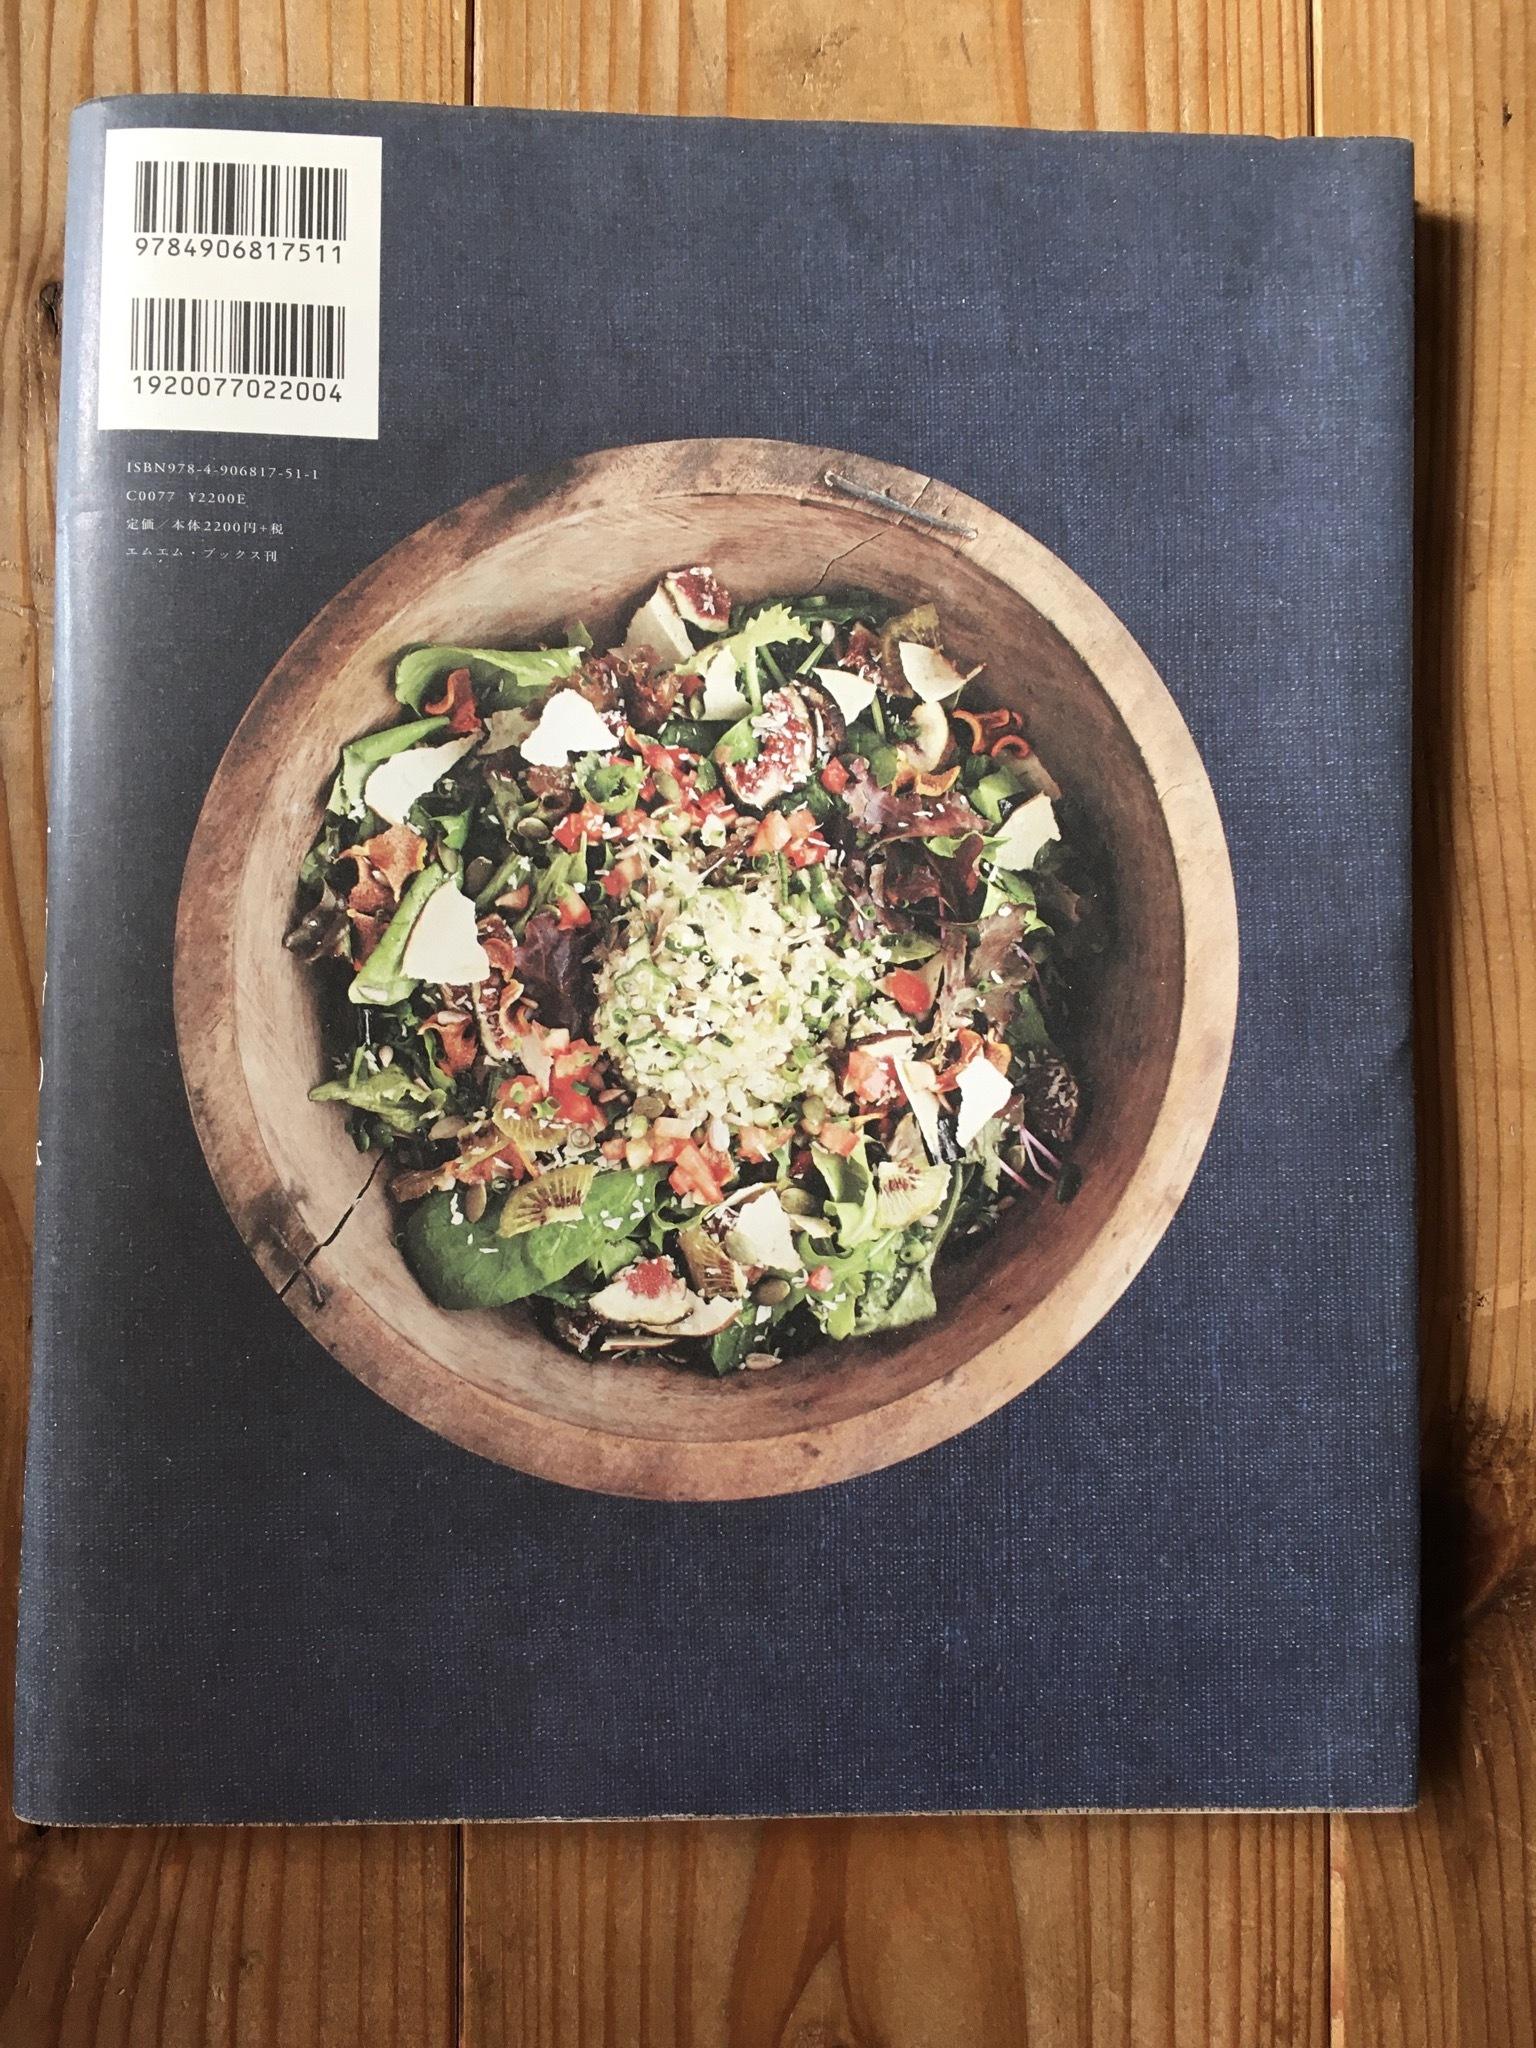 ささたくや サラダの本 - 画像2